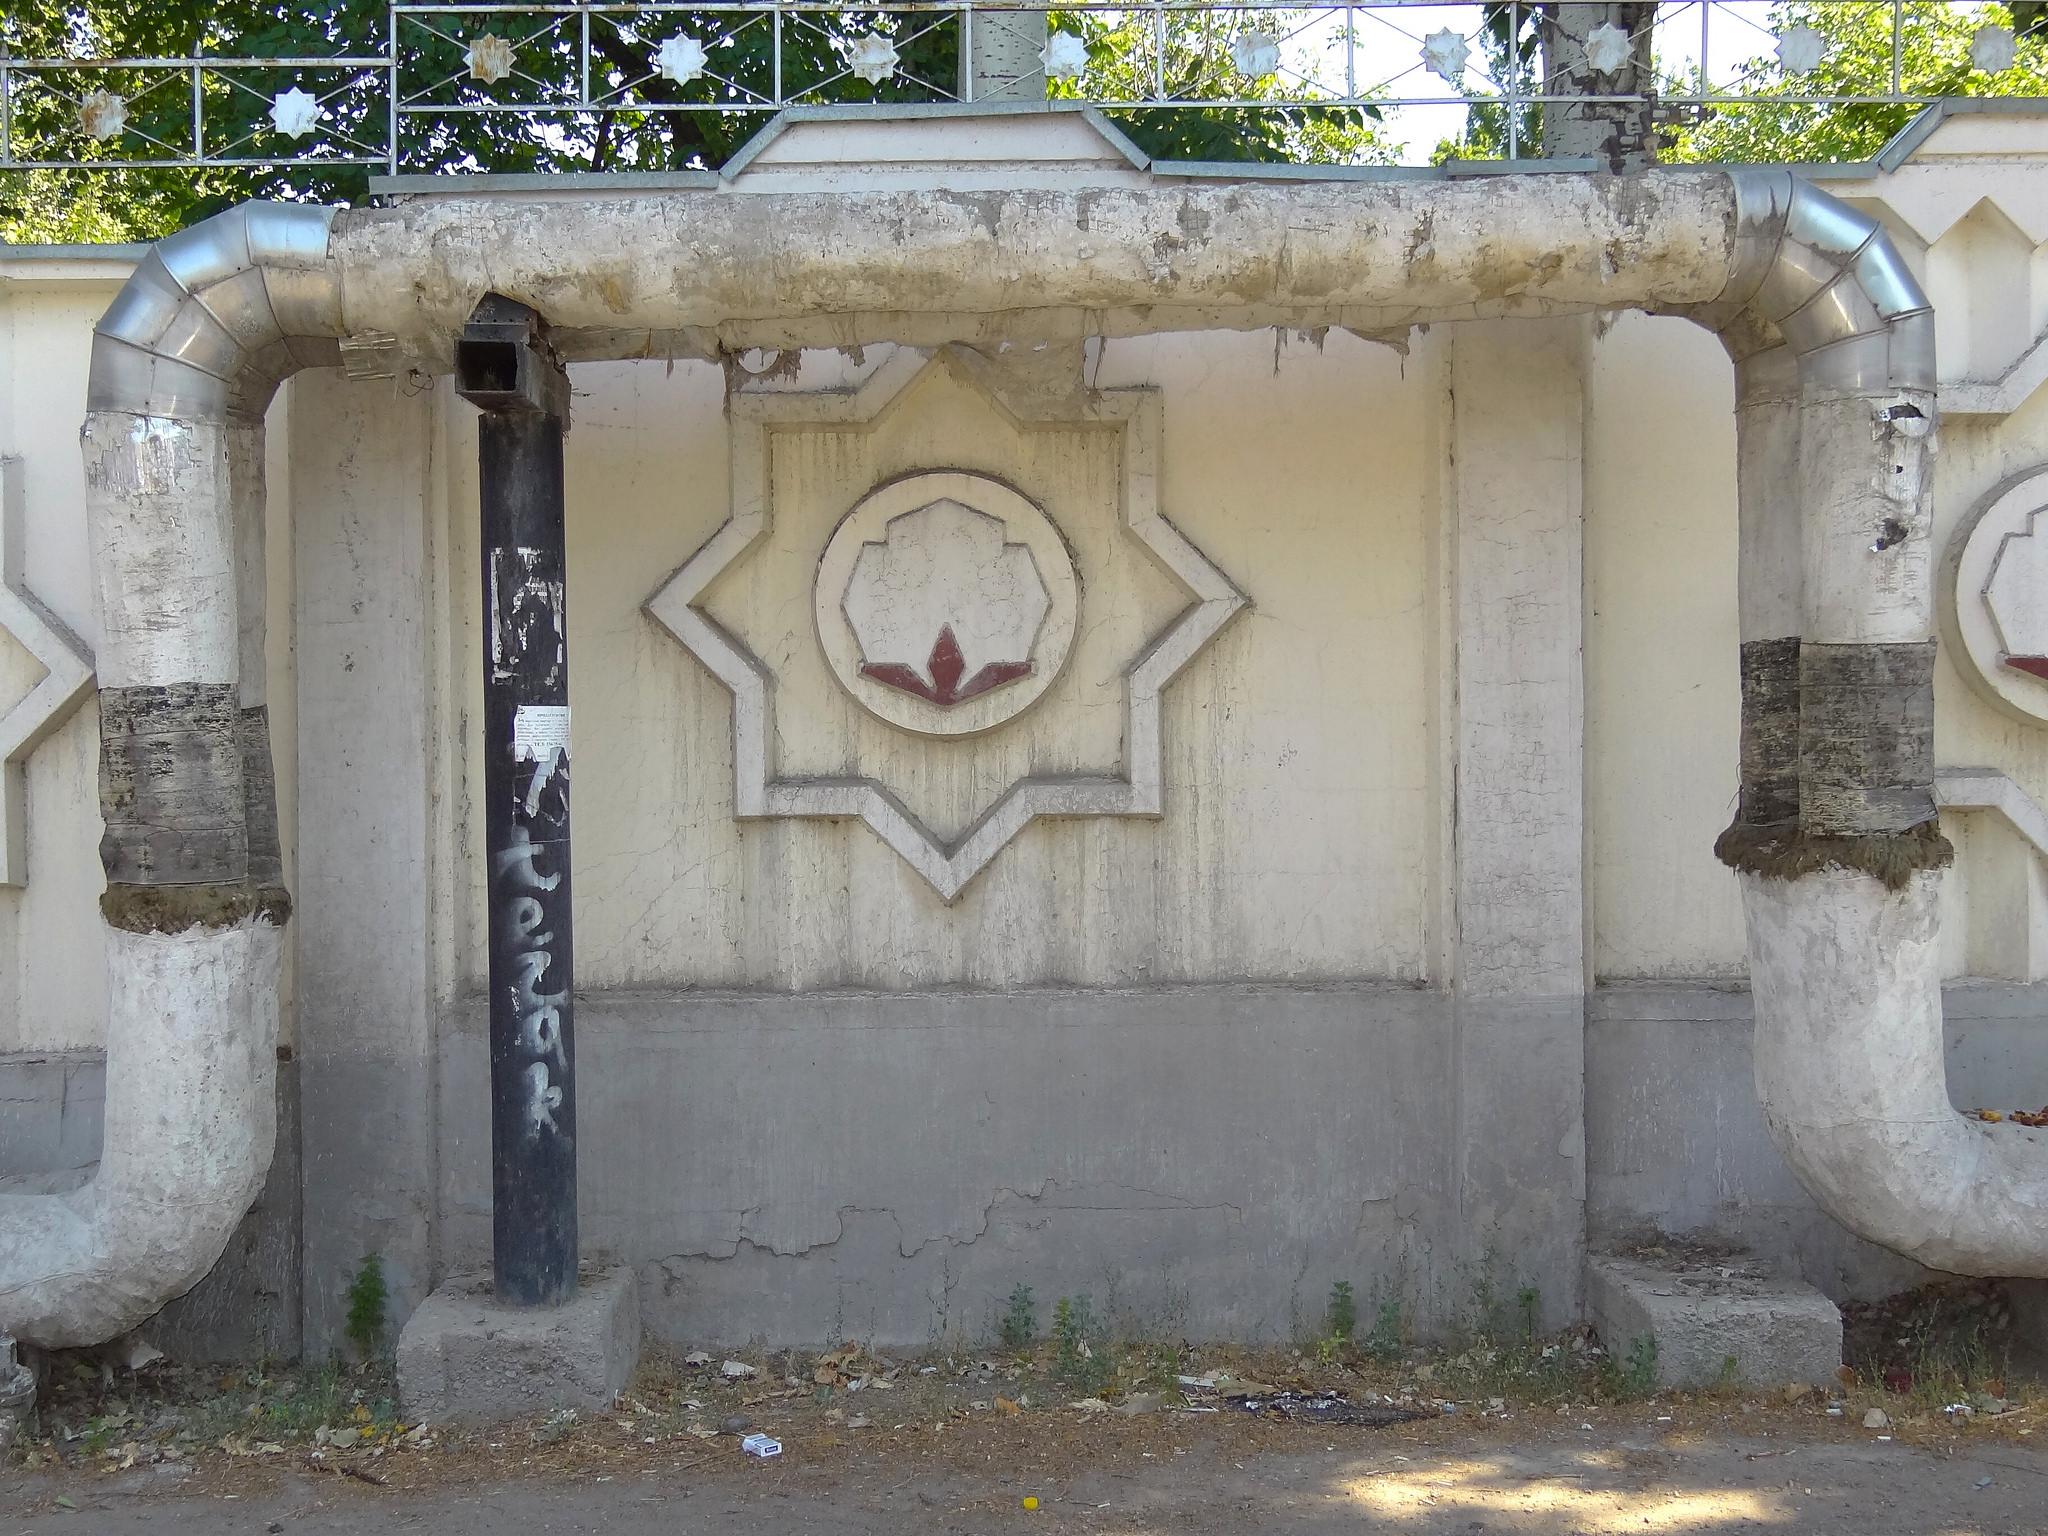 Une conduite de gaz à Tachkent